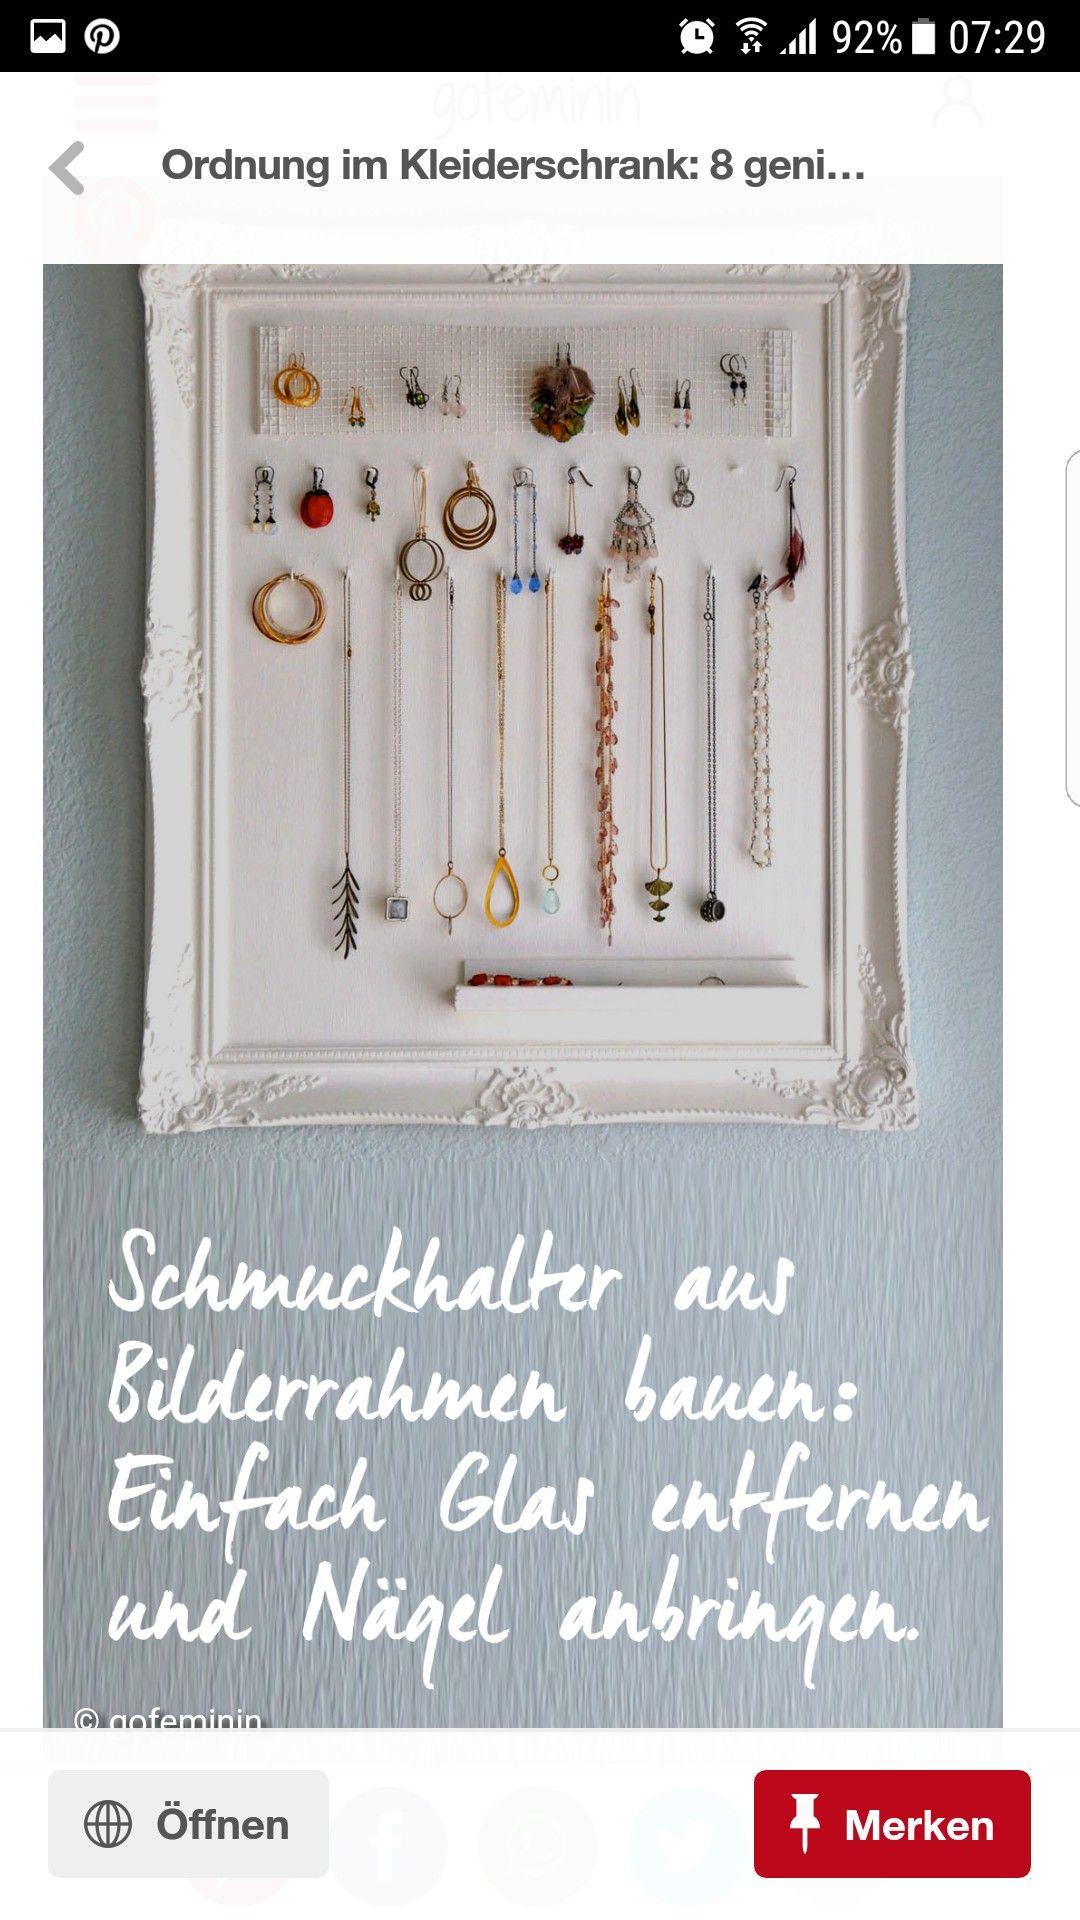 Ungewöhnlich Bilderrahmen V Nägel Ideen - Familienfoto Kunst Ideen ...